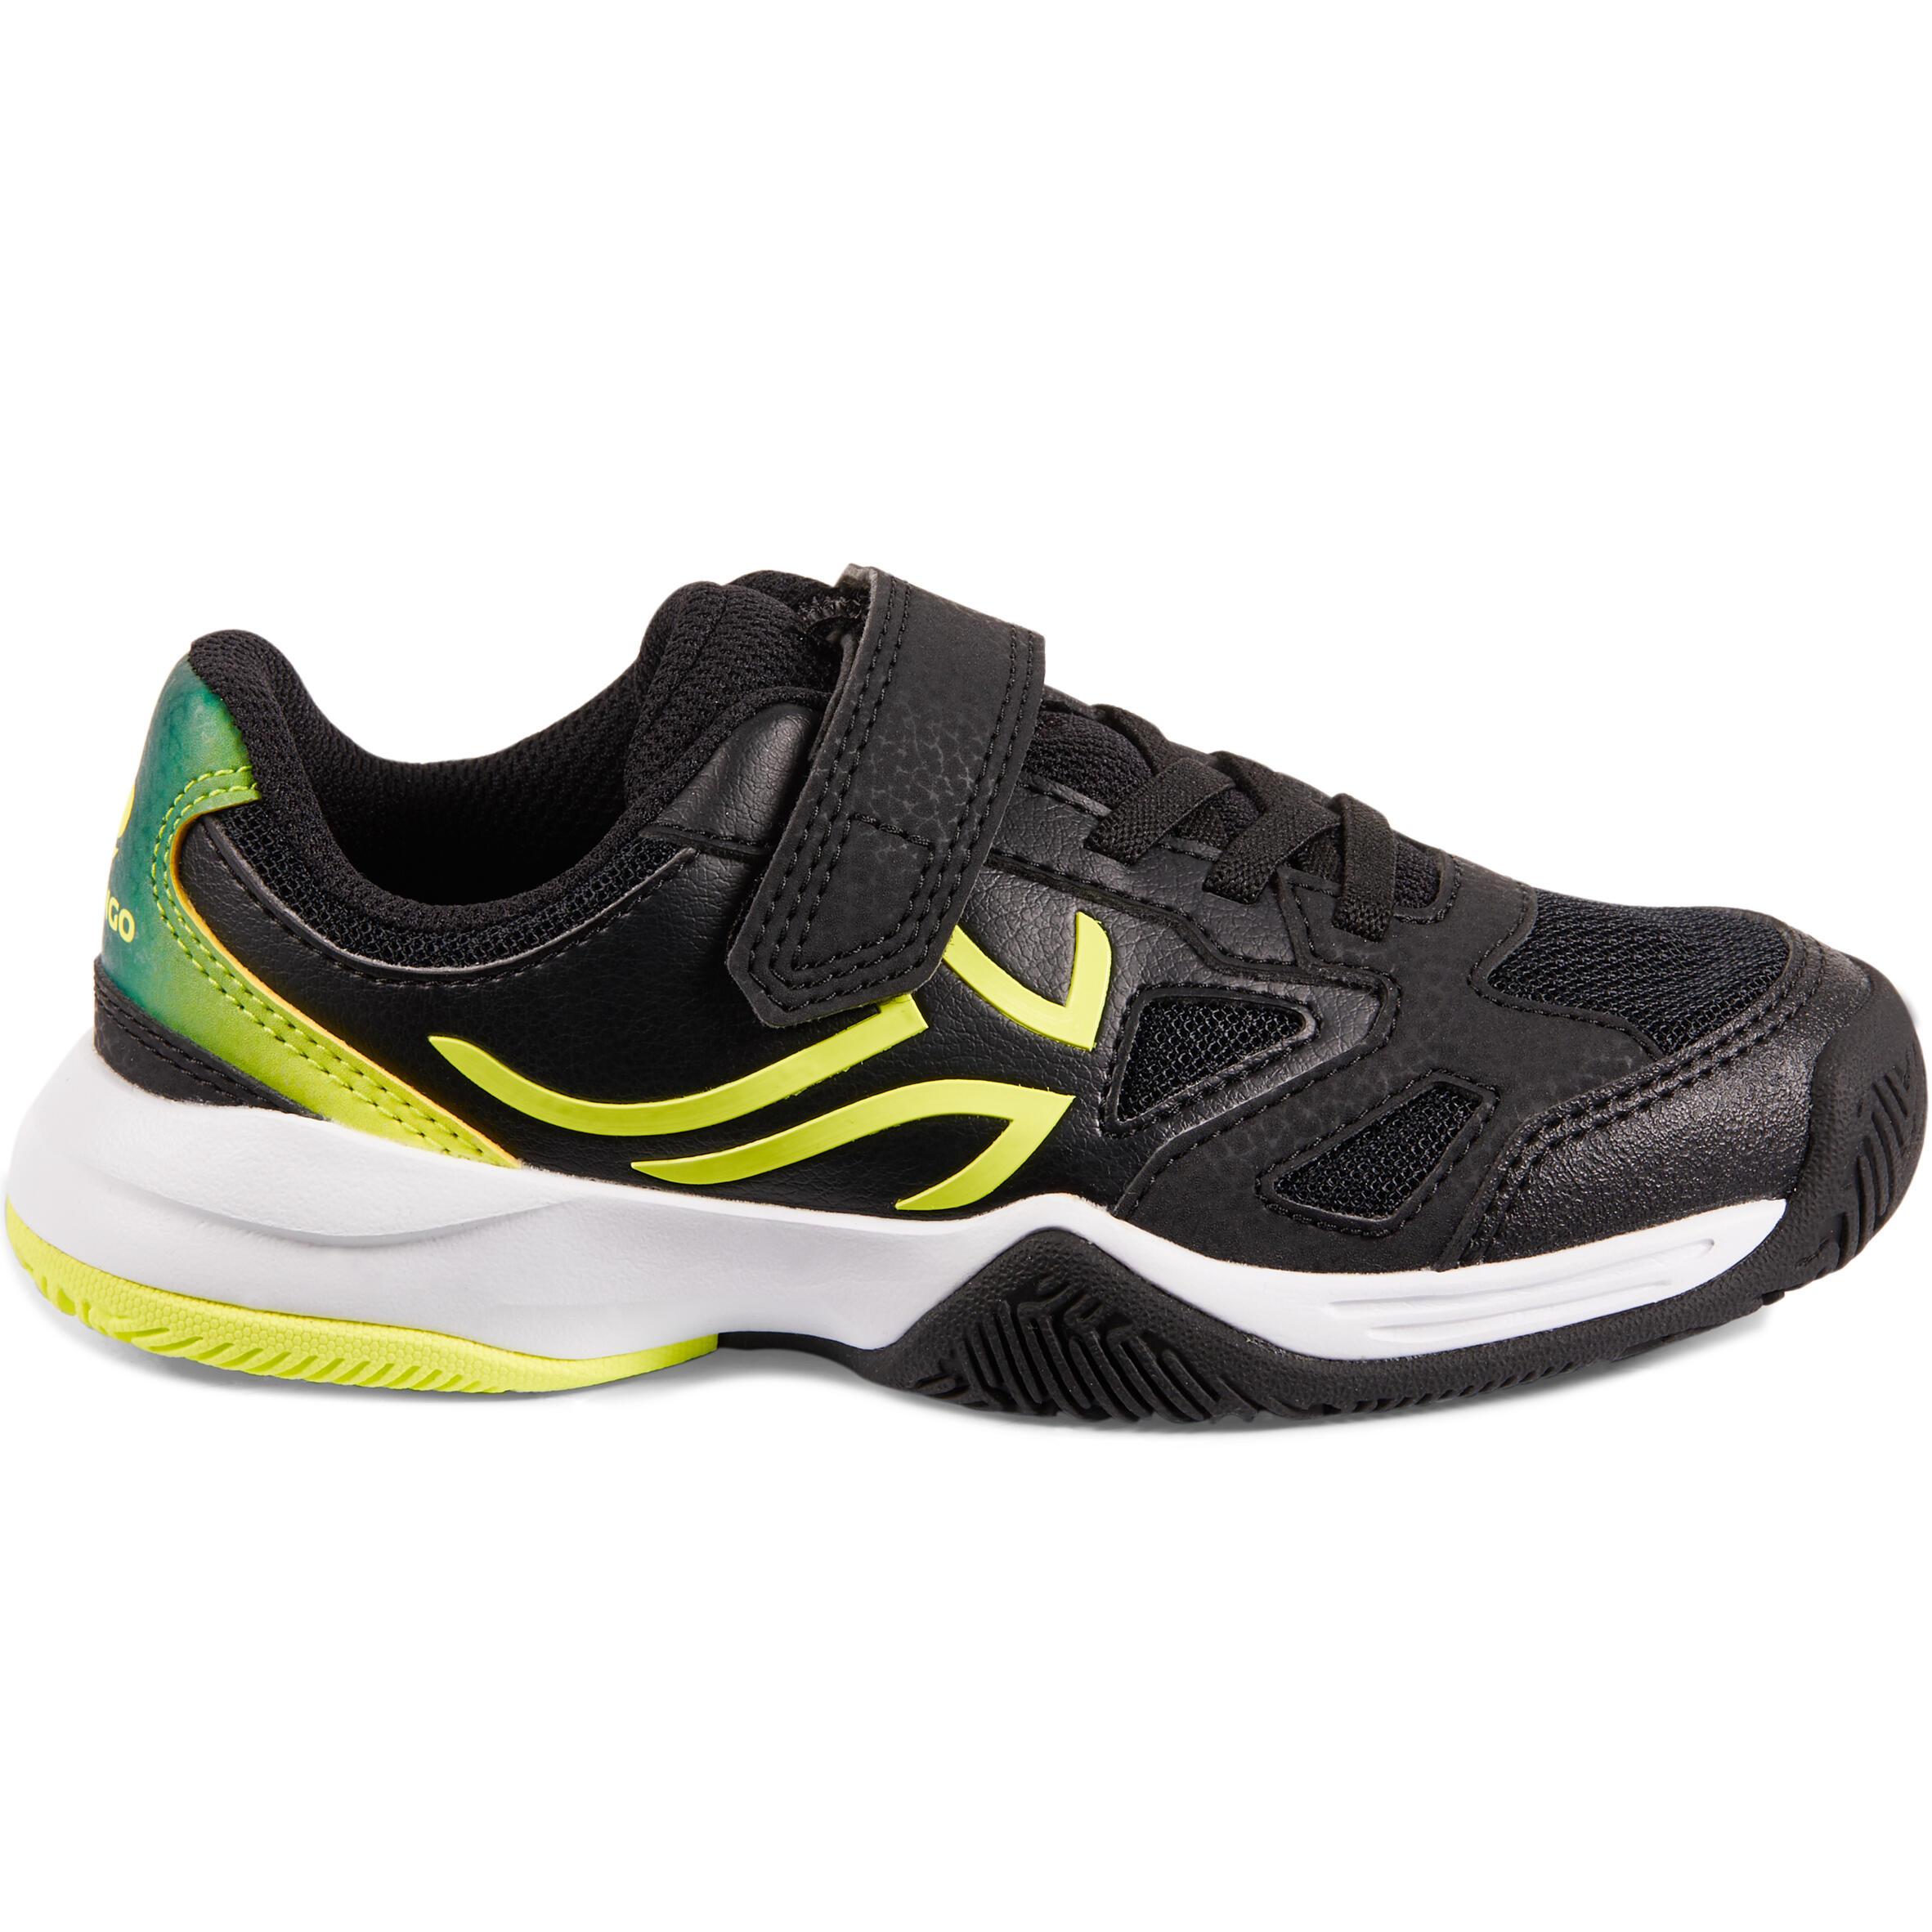 Artengo Tennisschoenen kinderen Artengo TS560 indigo